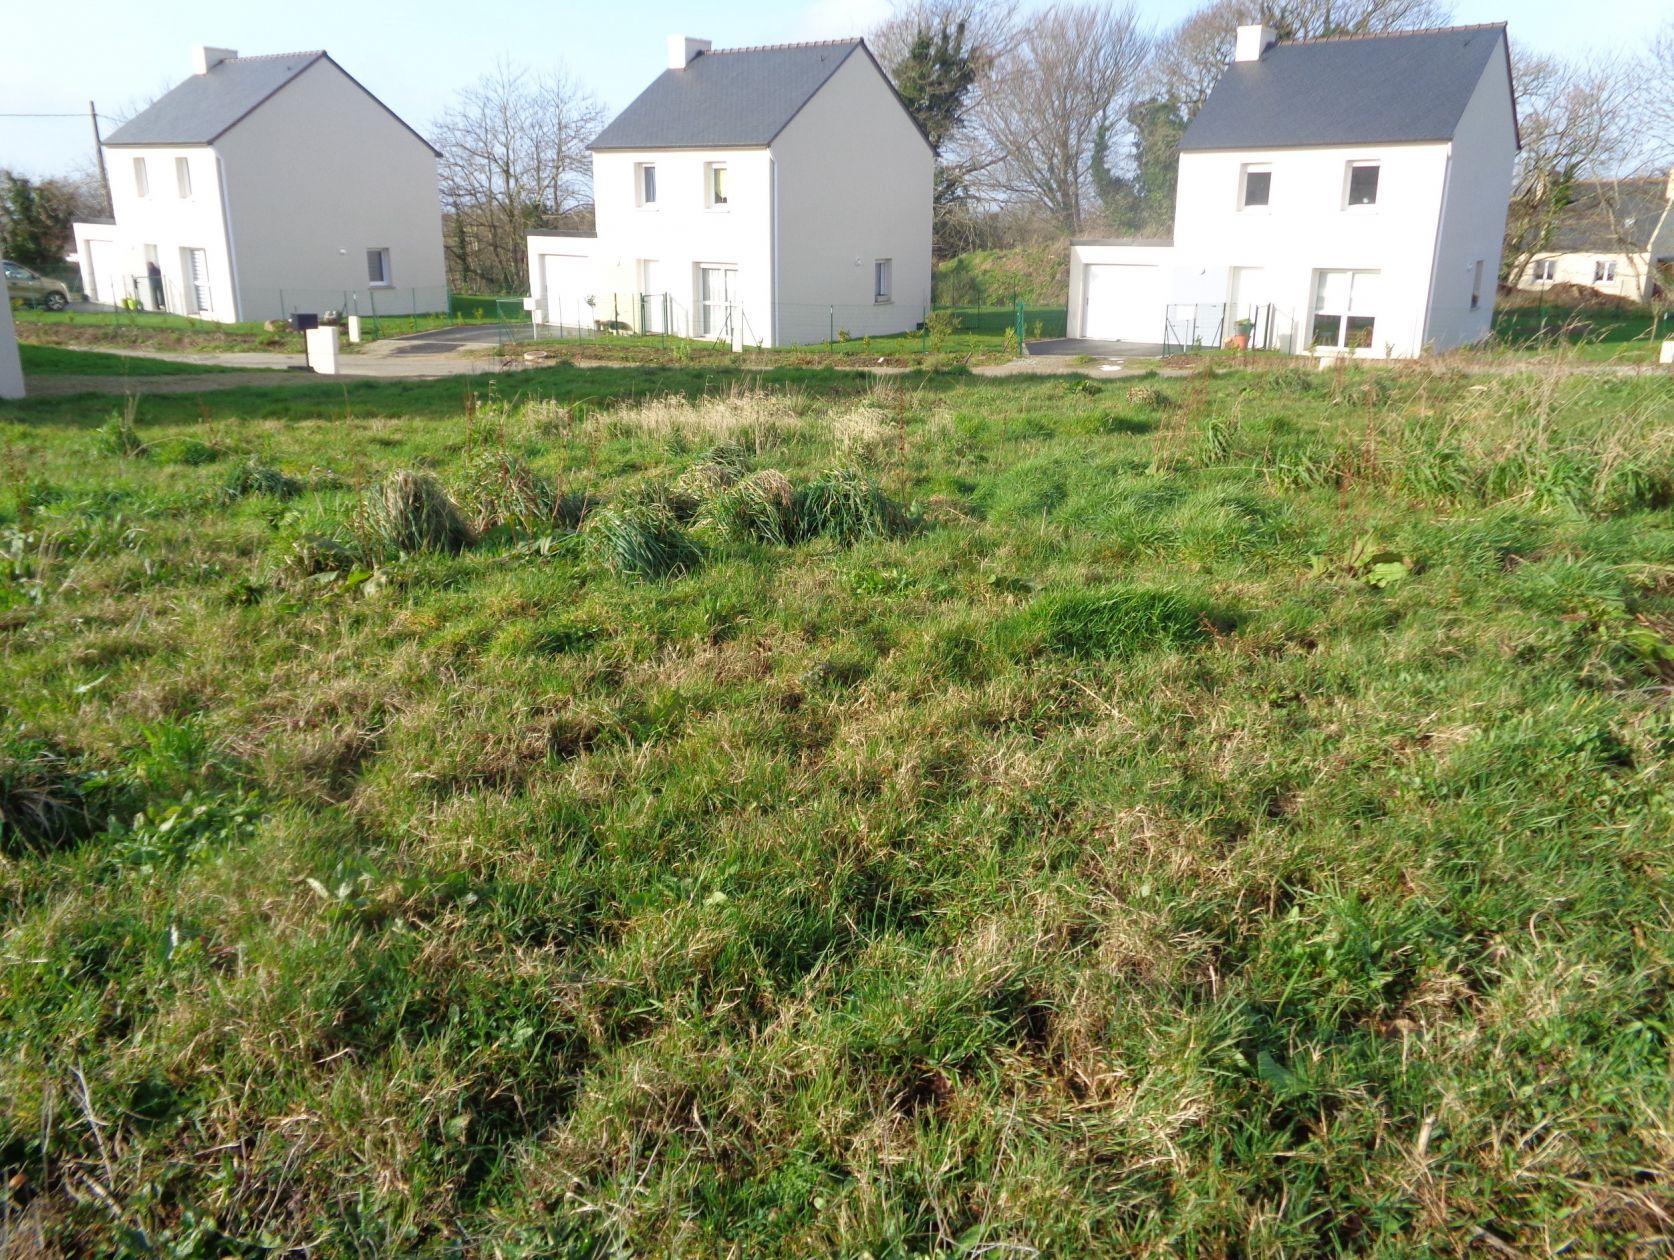 Terrains du constructeur LE MAT CONSTRUCTION • 526 m² • LOCRONAN